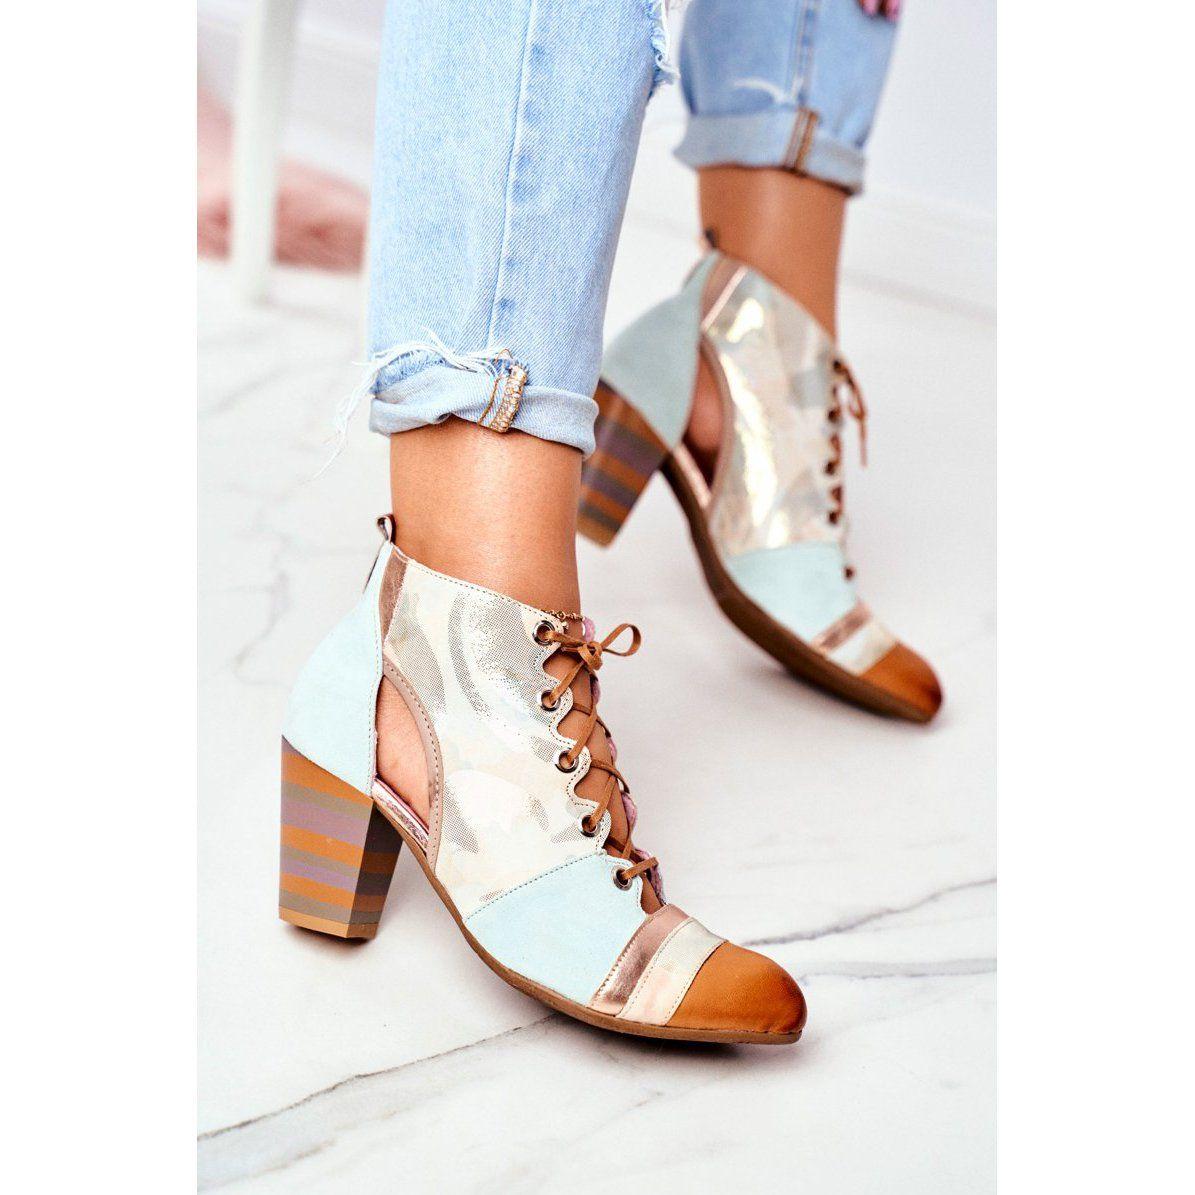 Botki Damskie Na Slupku Skorzane Maciejka Wiosenne 03938 04 Bezowy Wielokolorowe Zielone Heels Ankle Boot Shoes